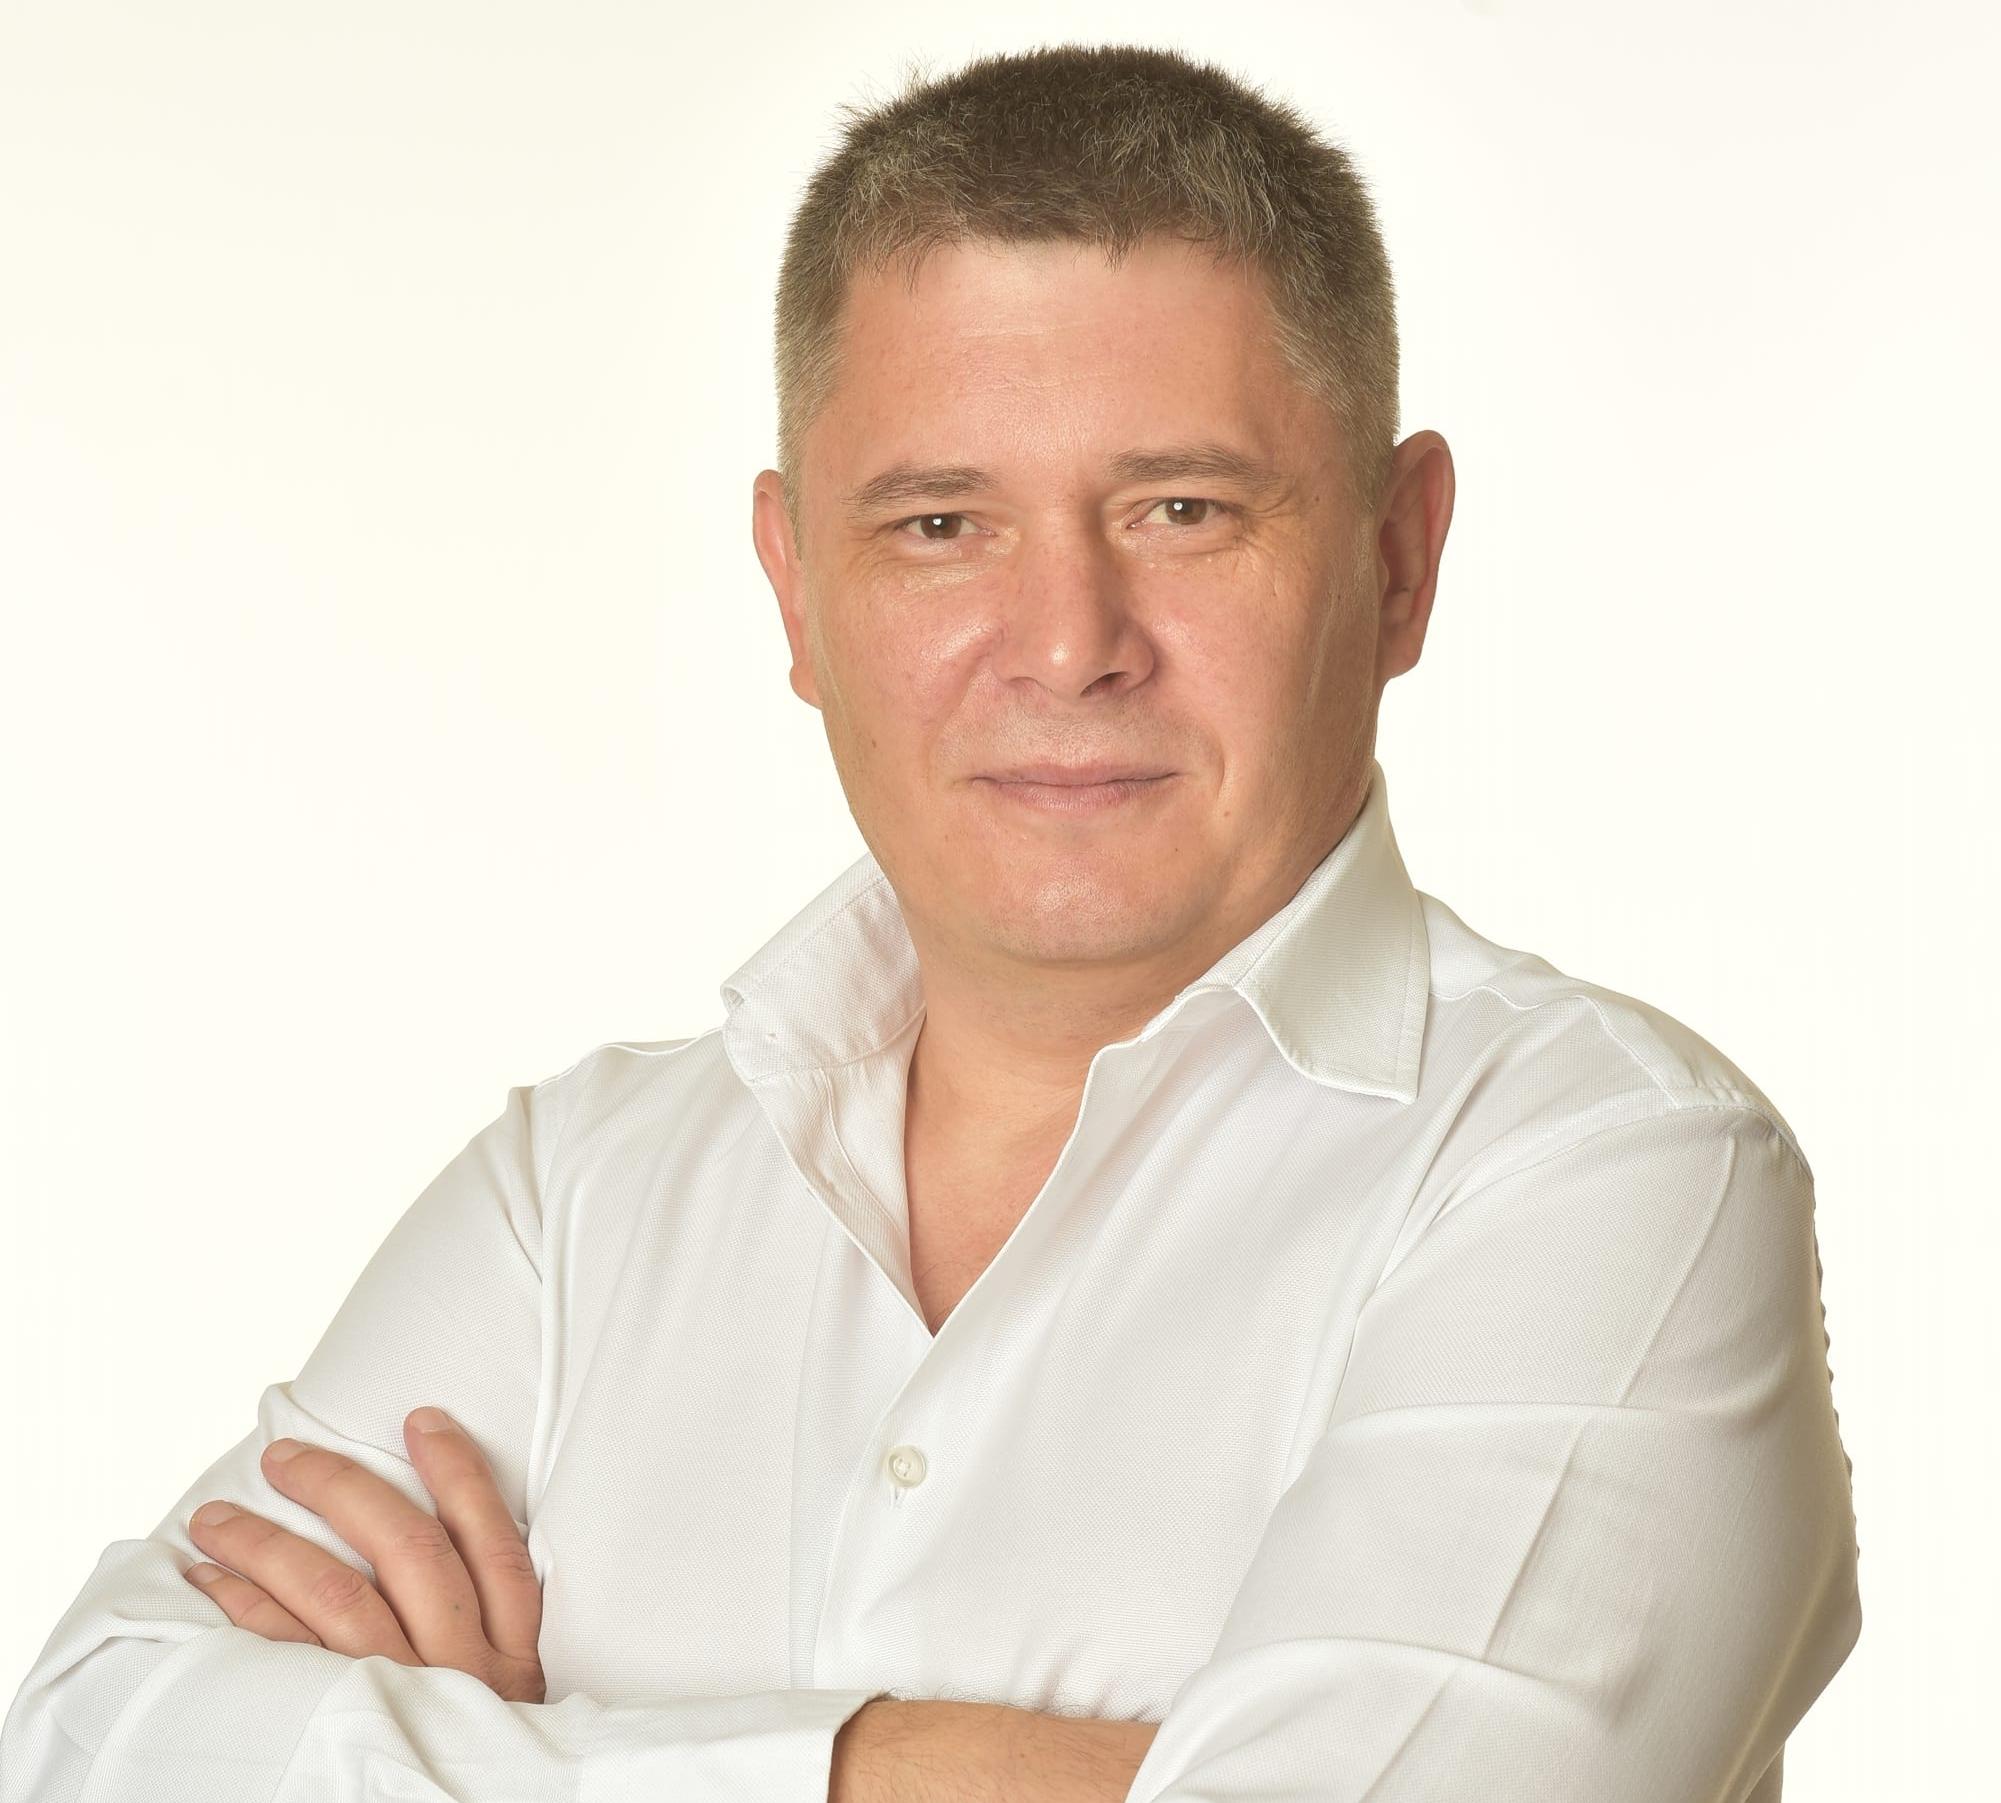 Тарас Теліженко: «Мені більше подобається дарувати презенти, ніж їх отримувати»